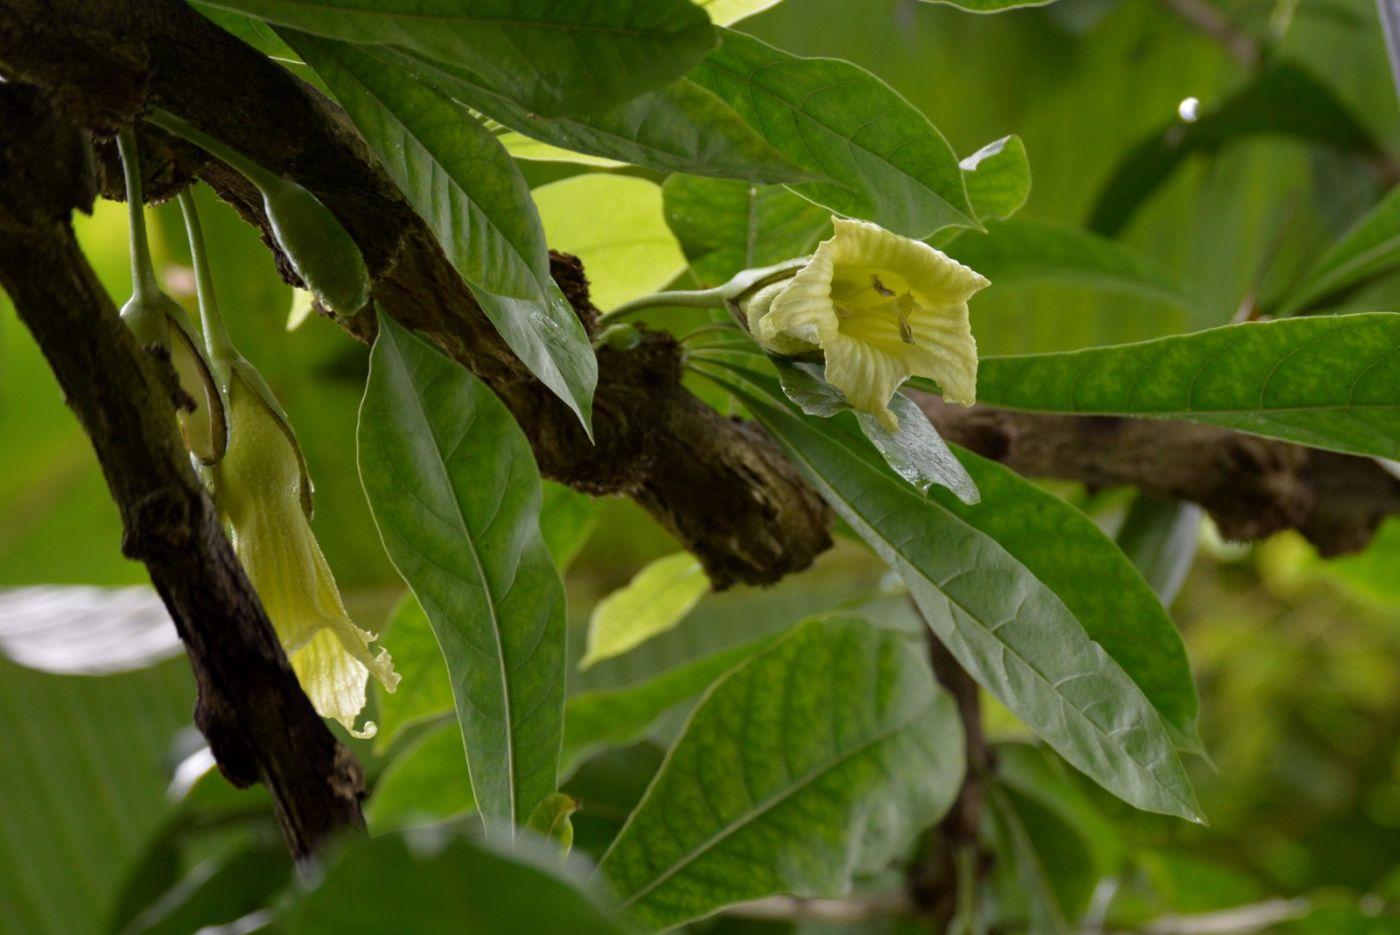 西瓜长在树上_图1-13